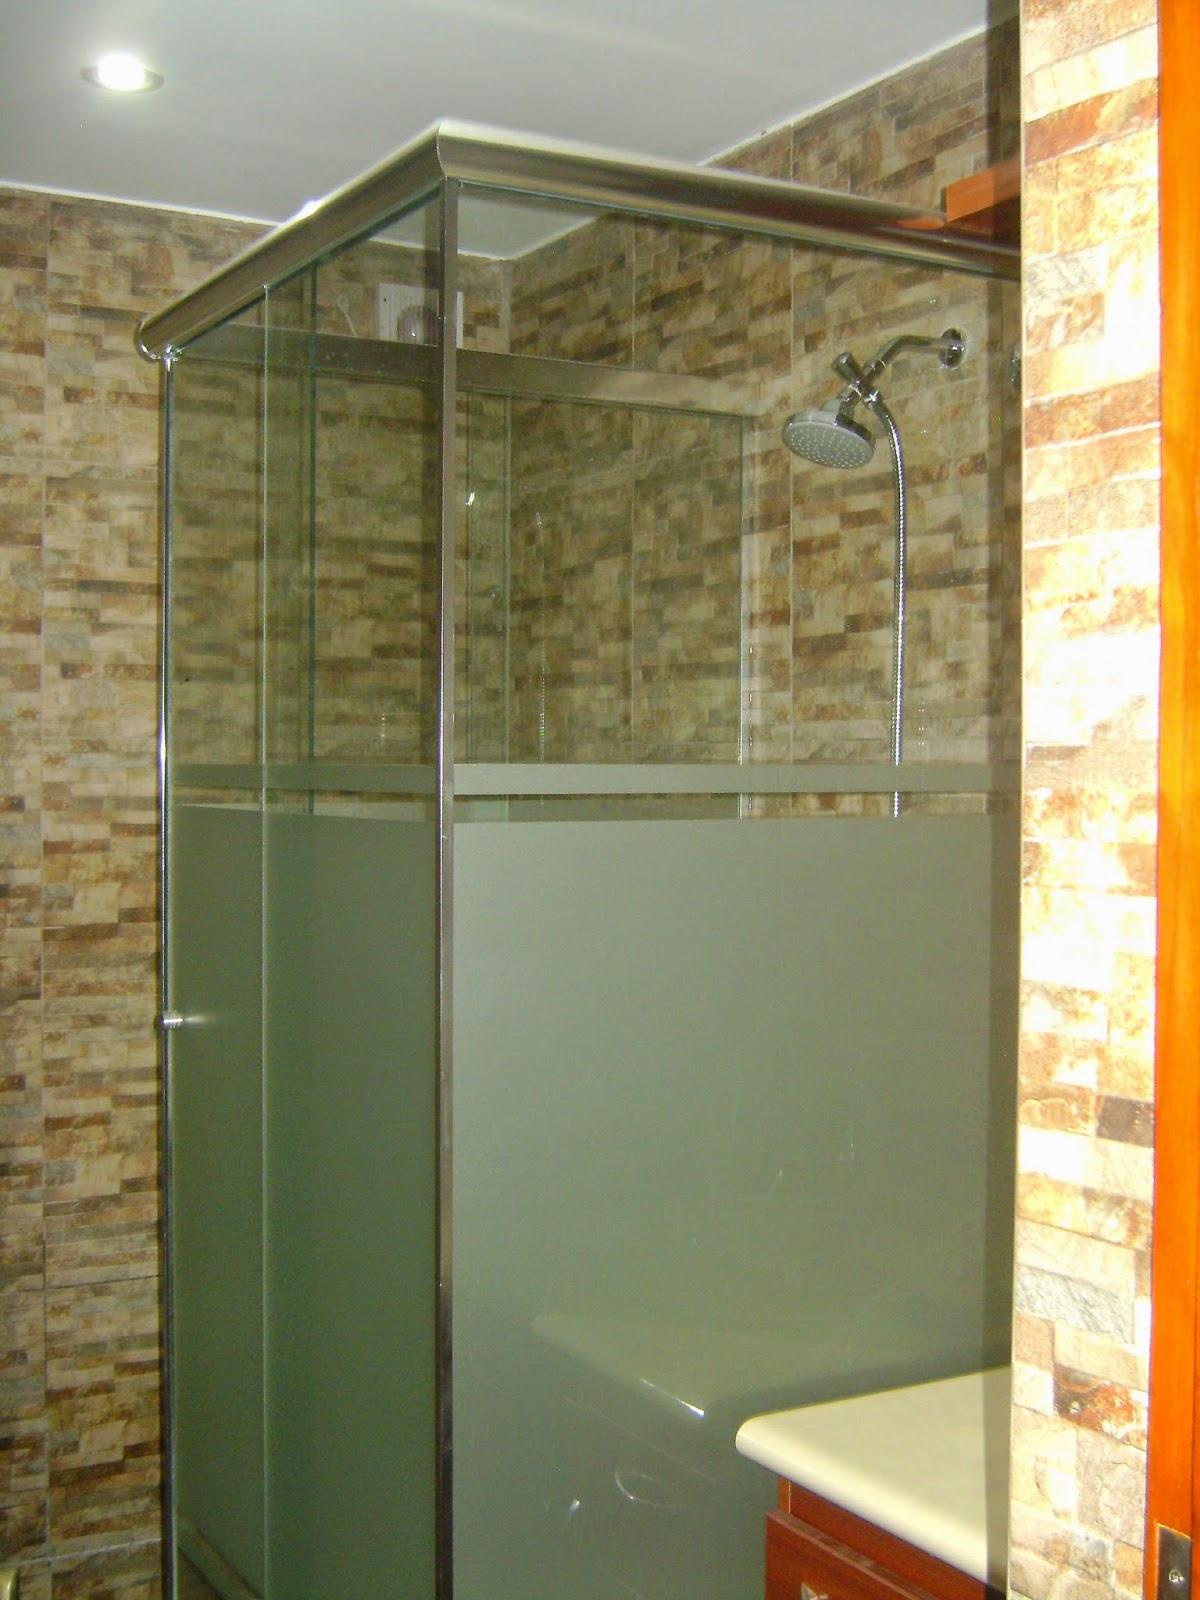 Lider soluciones generales puertas de ducha vidrio templado - Vidrios para duchas ...